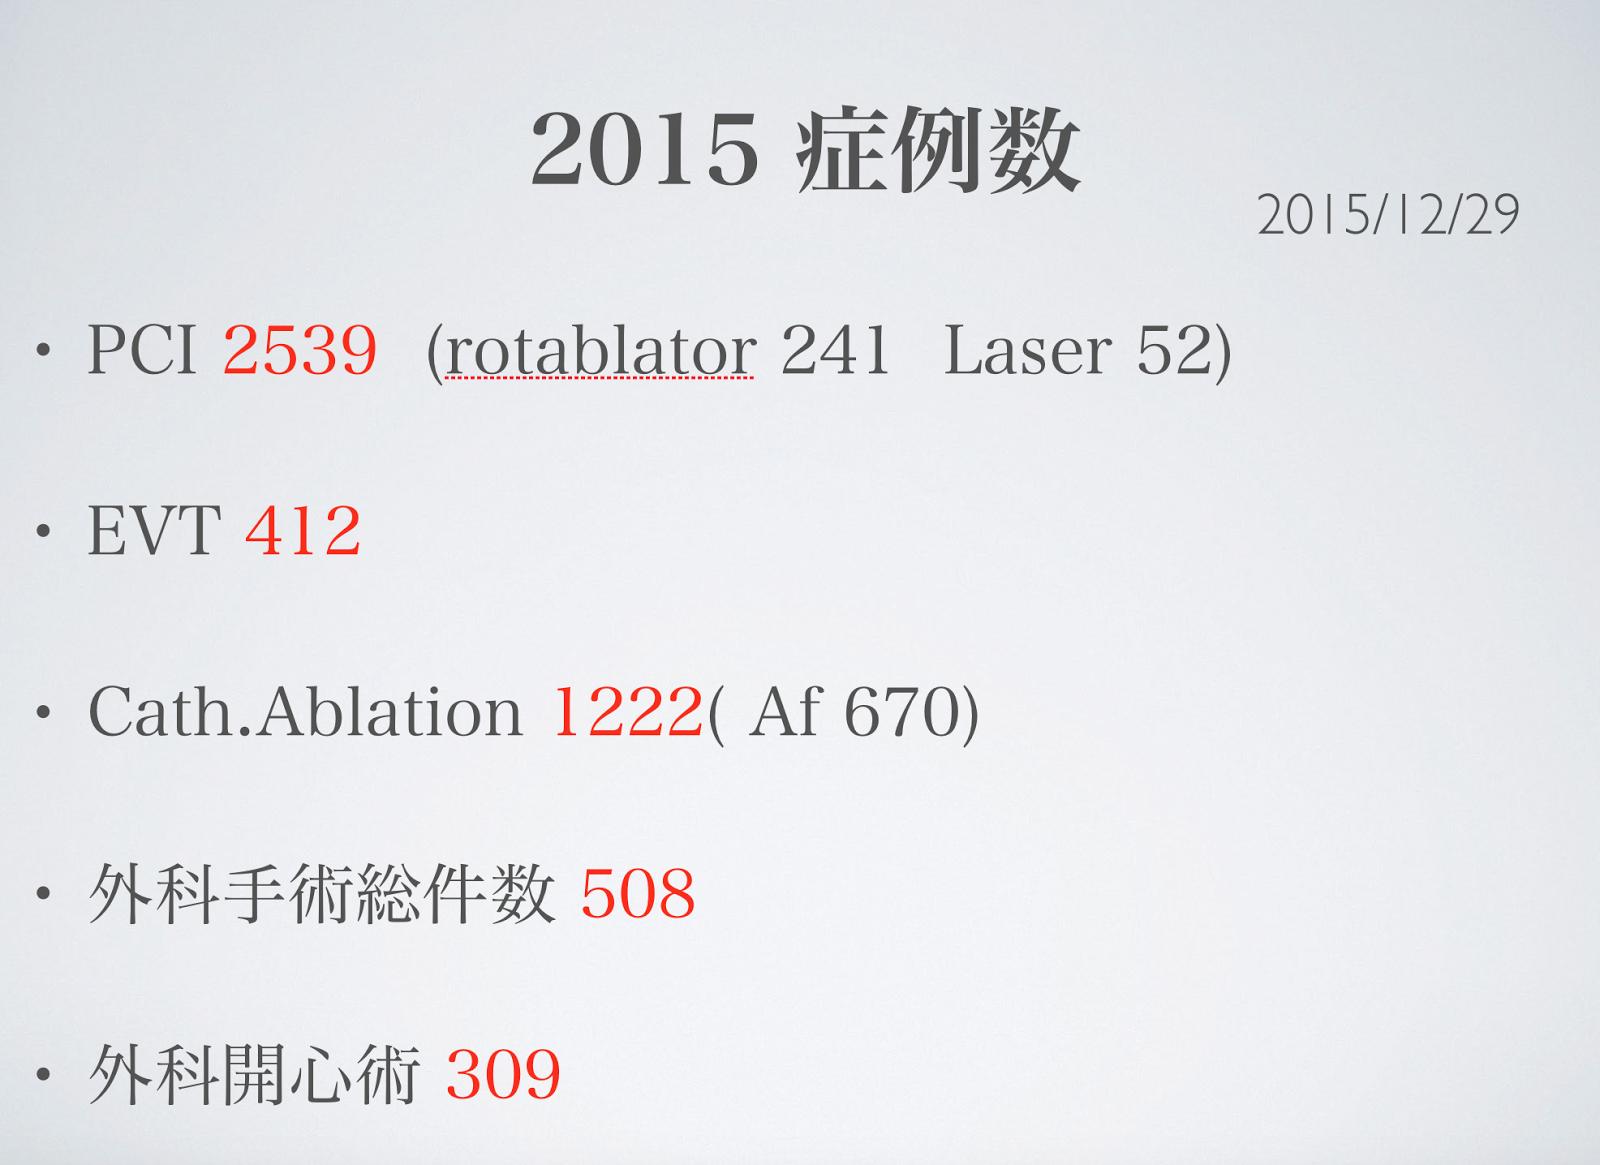 2015症例数